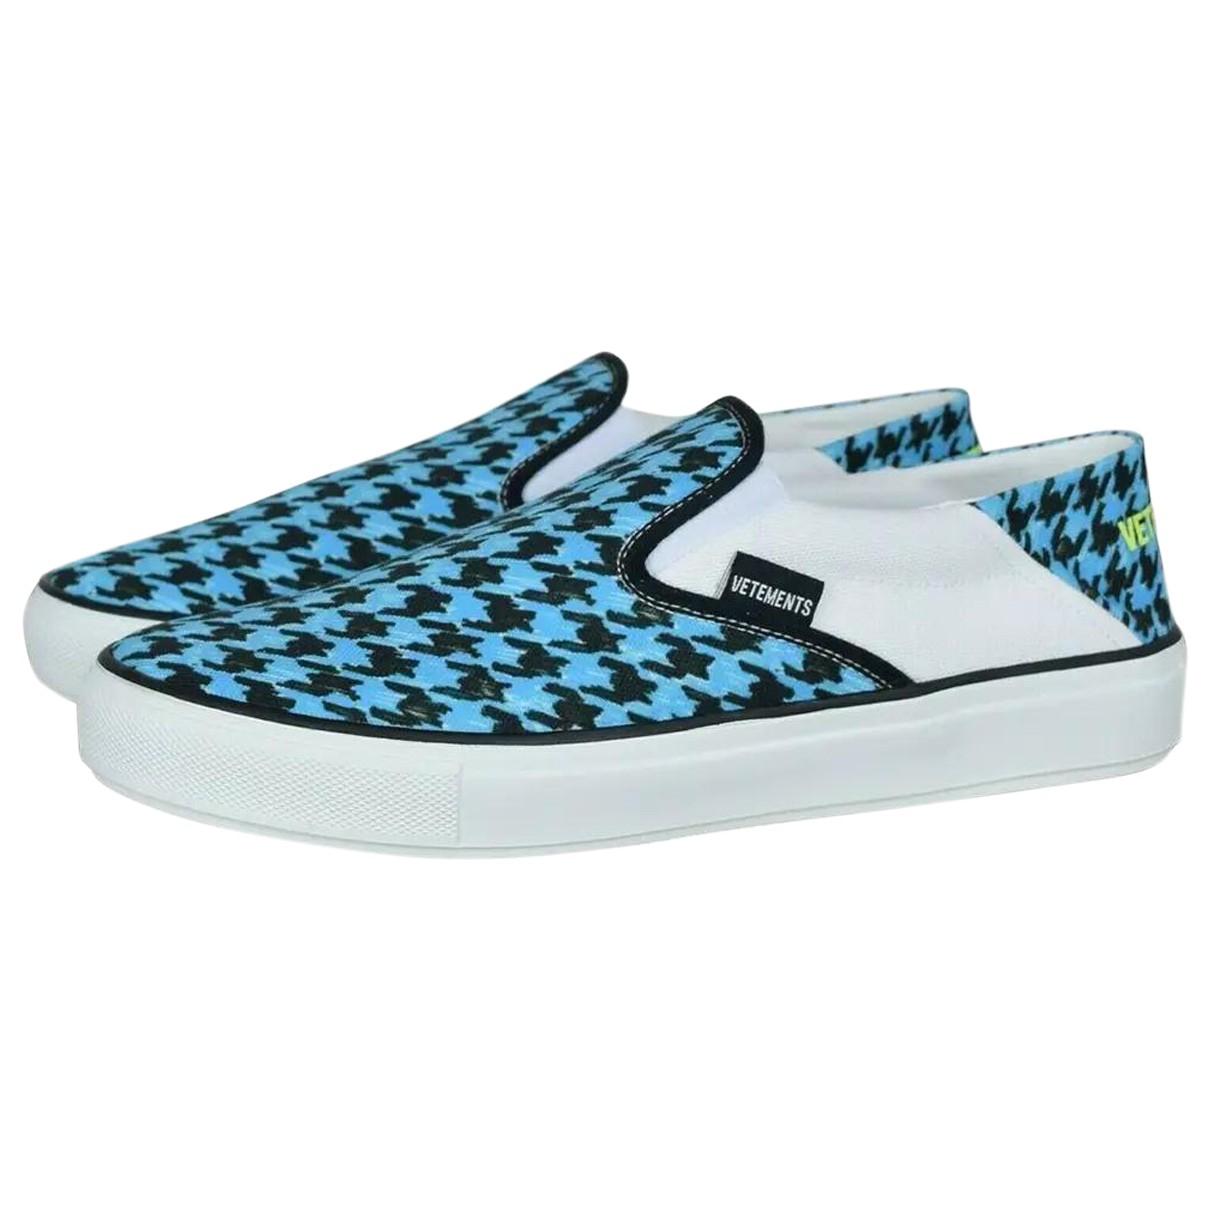 Vetements \N Sneakers in  Blau Leder